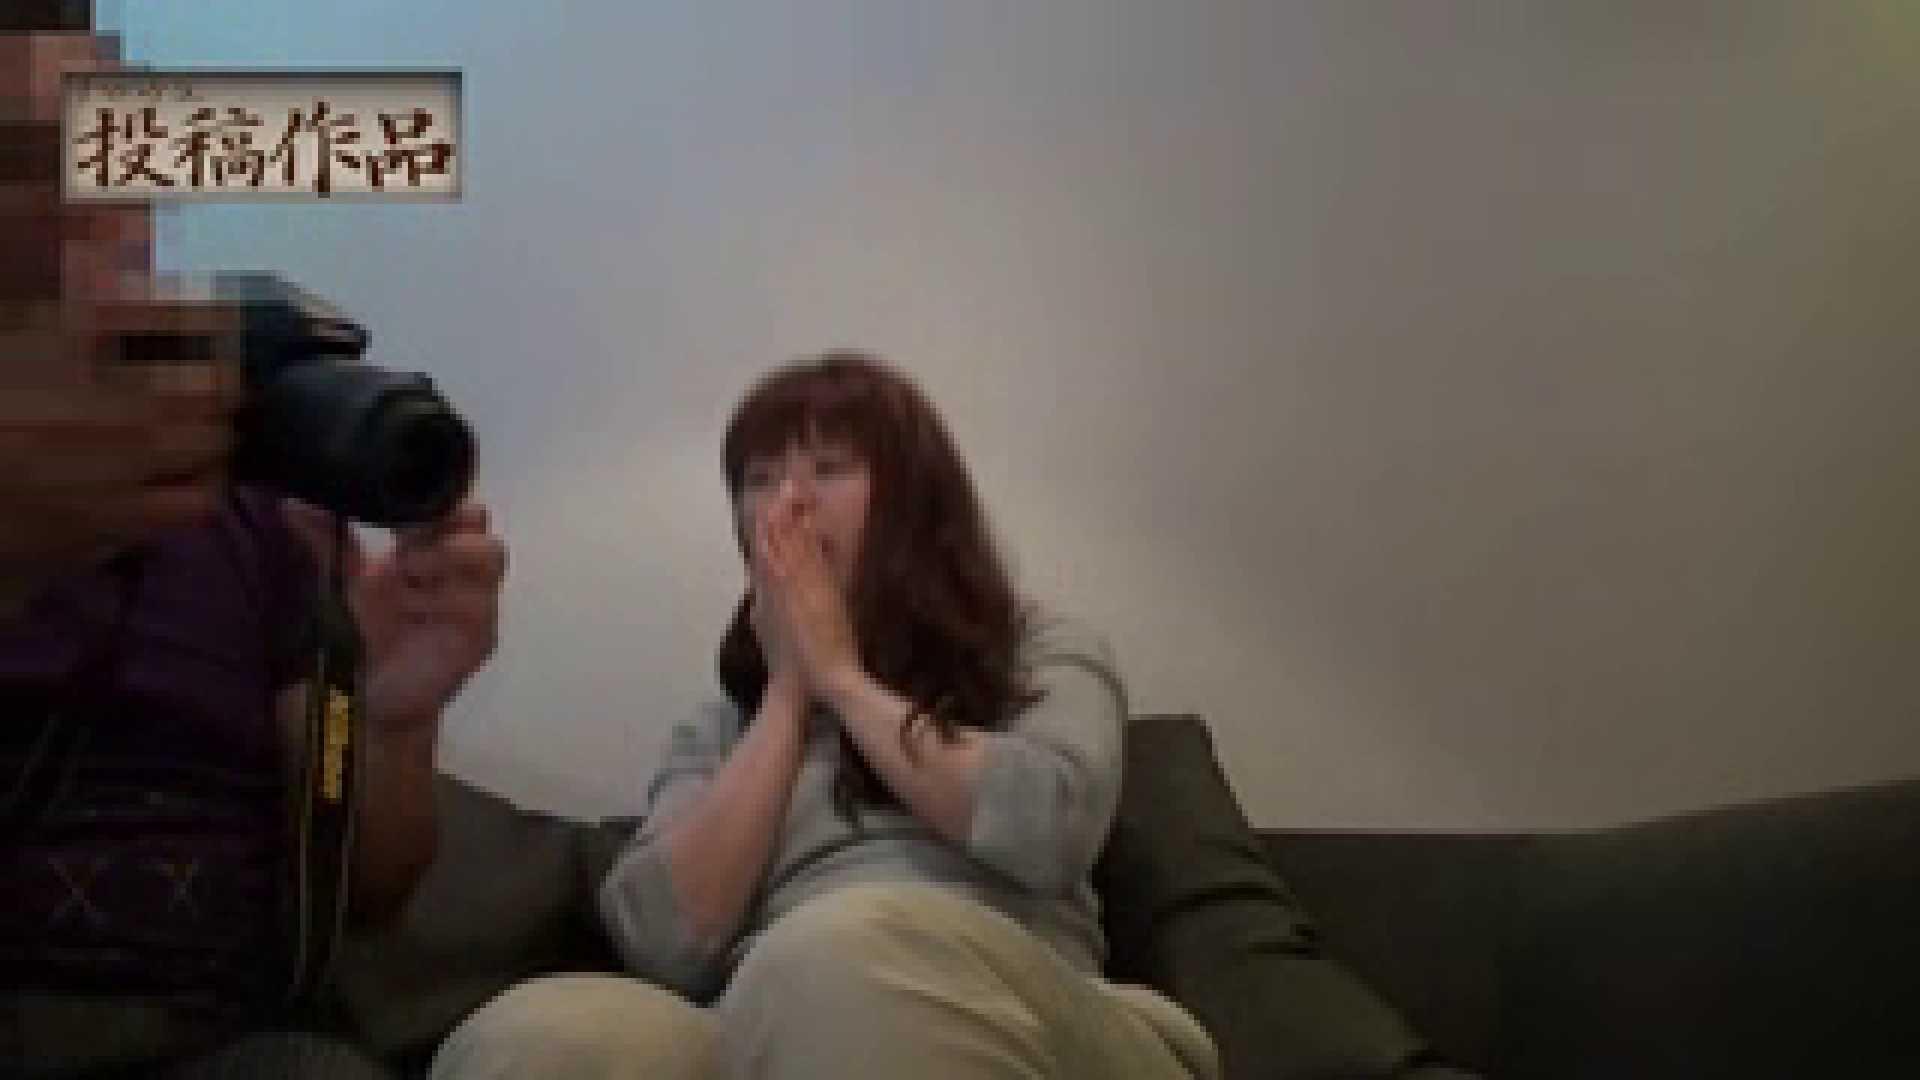 ナマハゲさんのまんこコレクション第3弾 sachiko SEXシーン すけべAV動画紹介 109pic 18